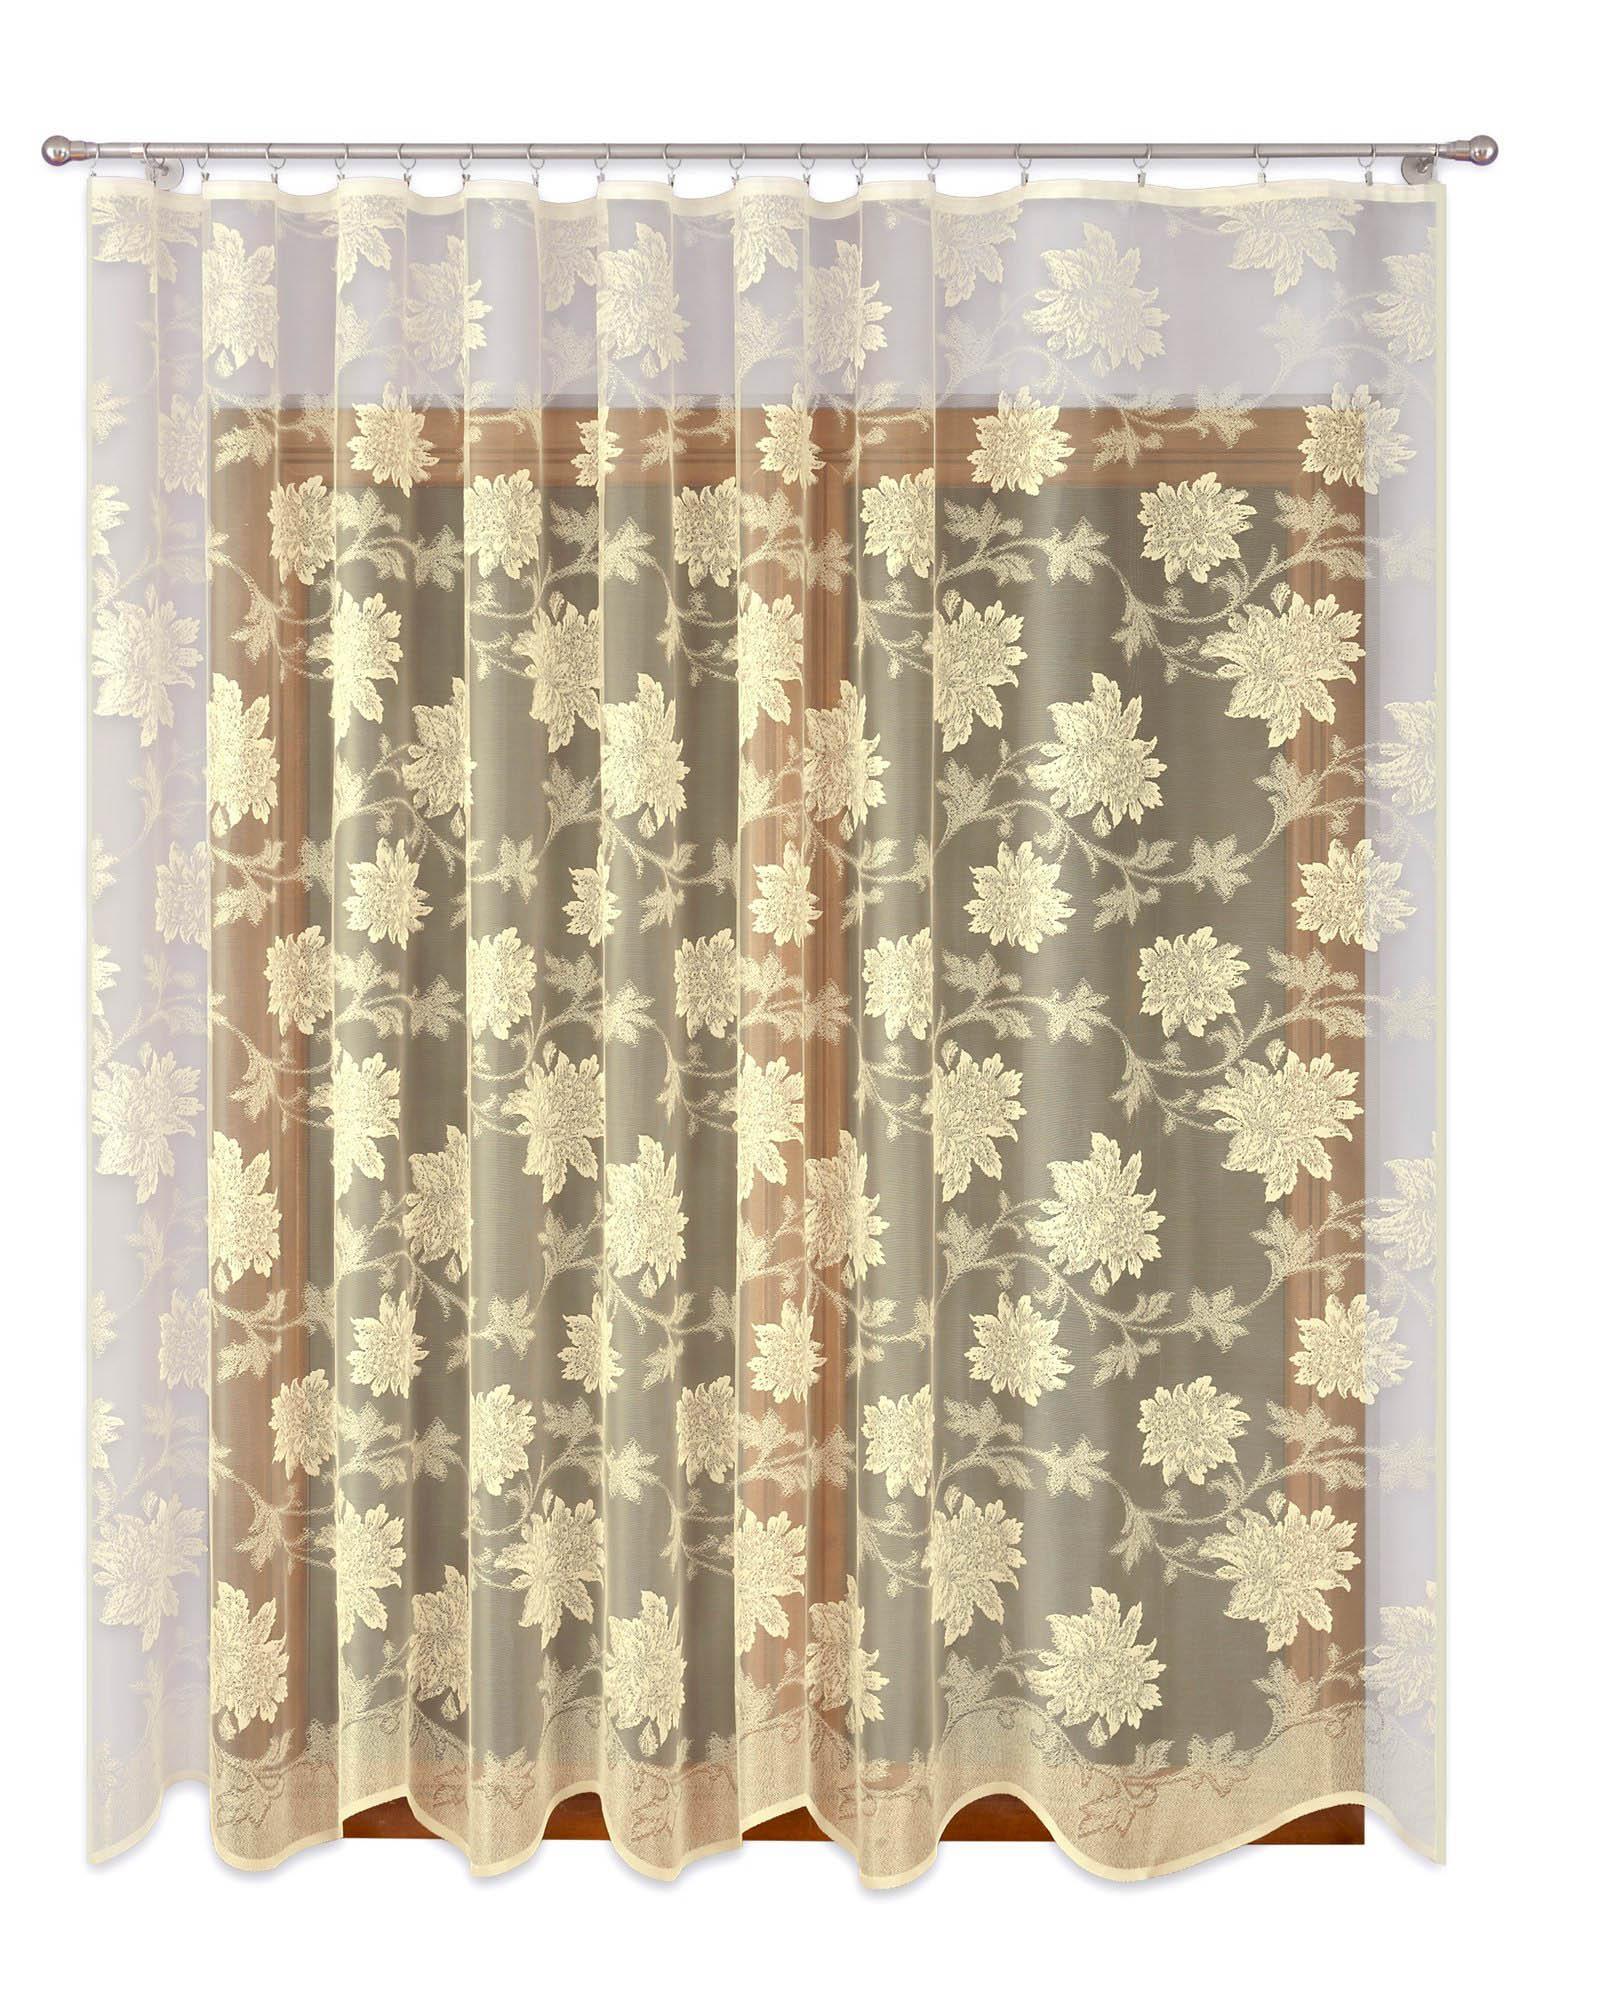 Шторы Primavera Классические шторы Kaylynn Цвет: Бежевый шторы primavera классические шторы caroline цвет сиреневый